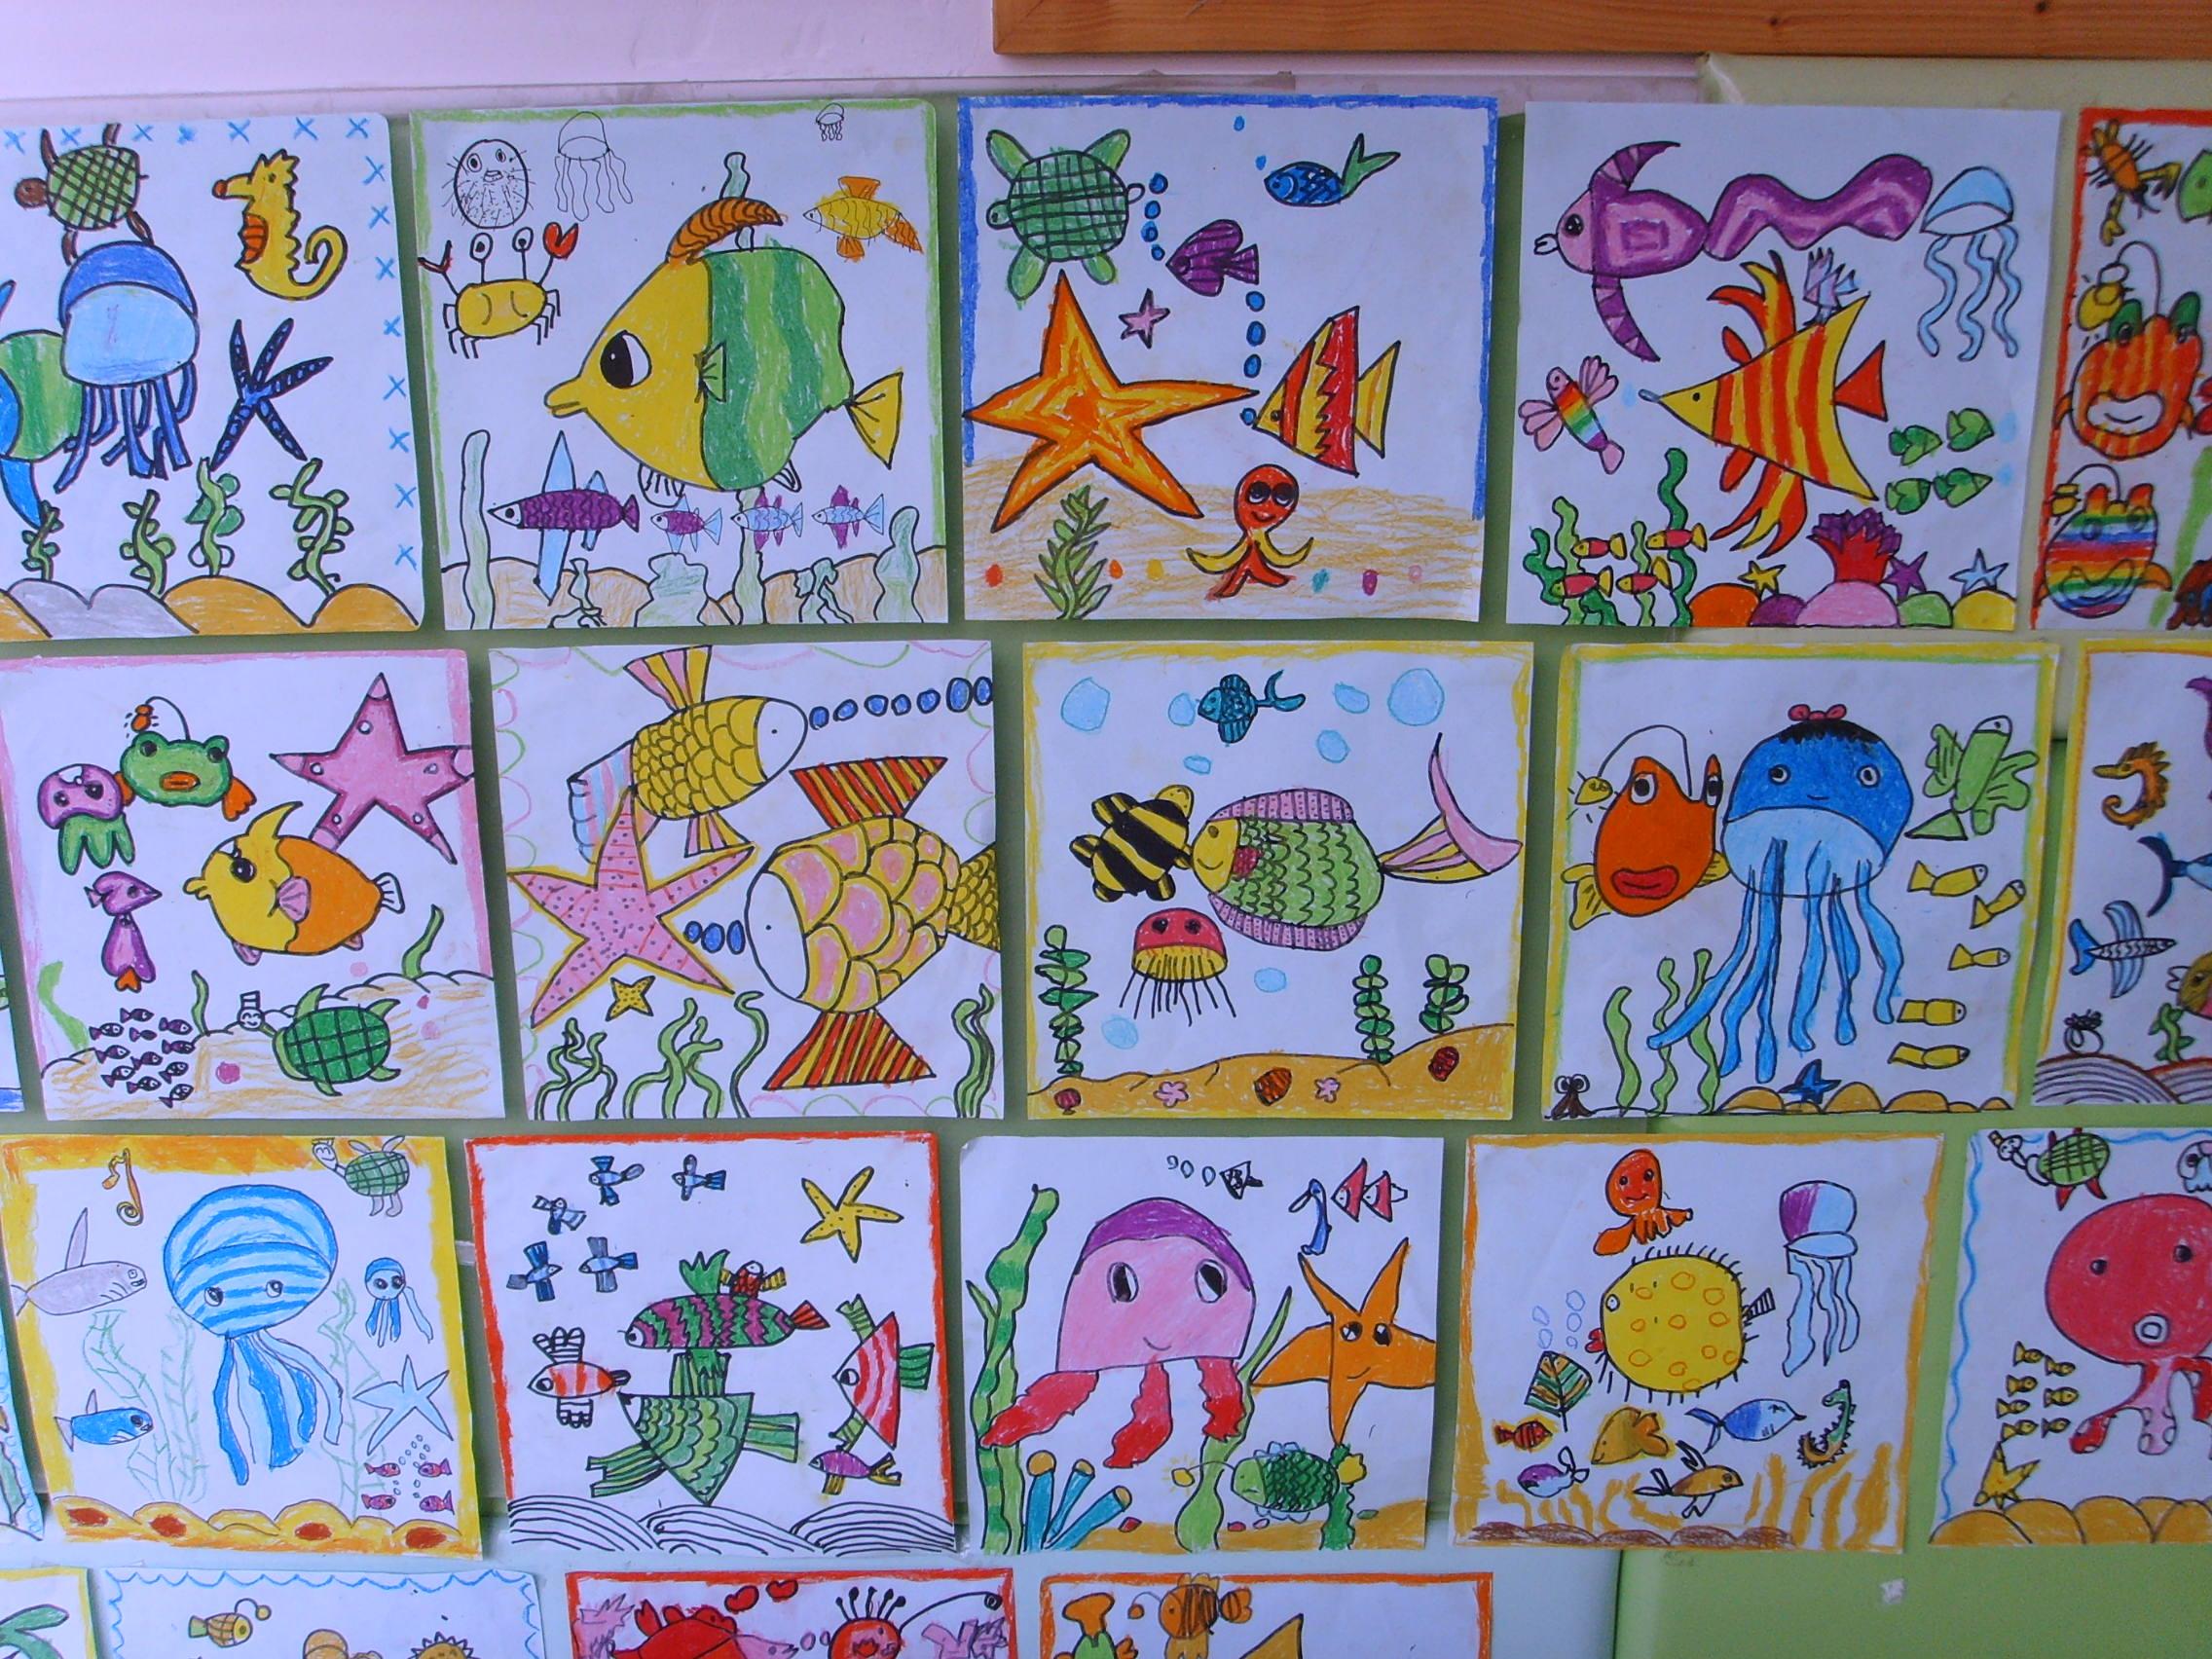 信息详细 - 嘉定菊园幼儿园; 儿童海底画图片 儿童线描画图片大全儿童